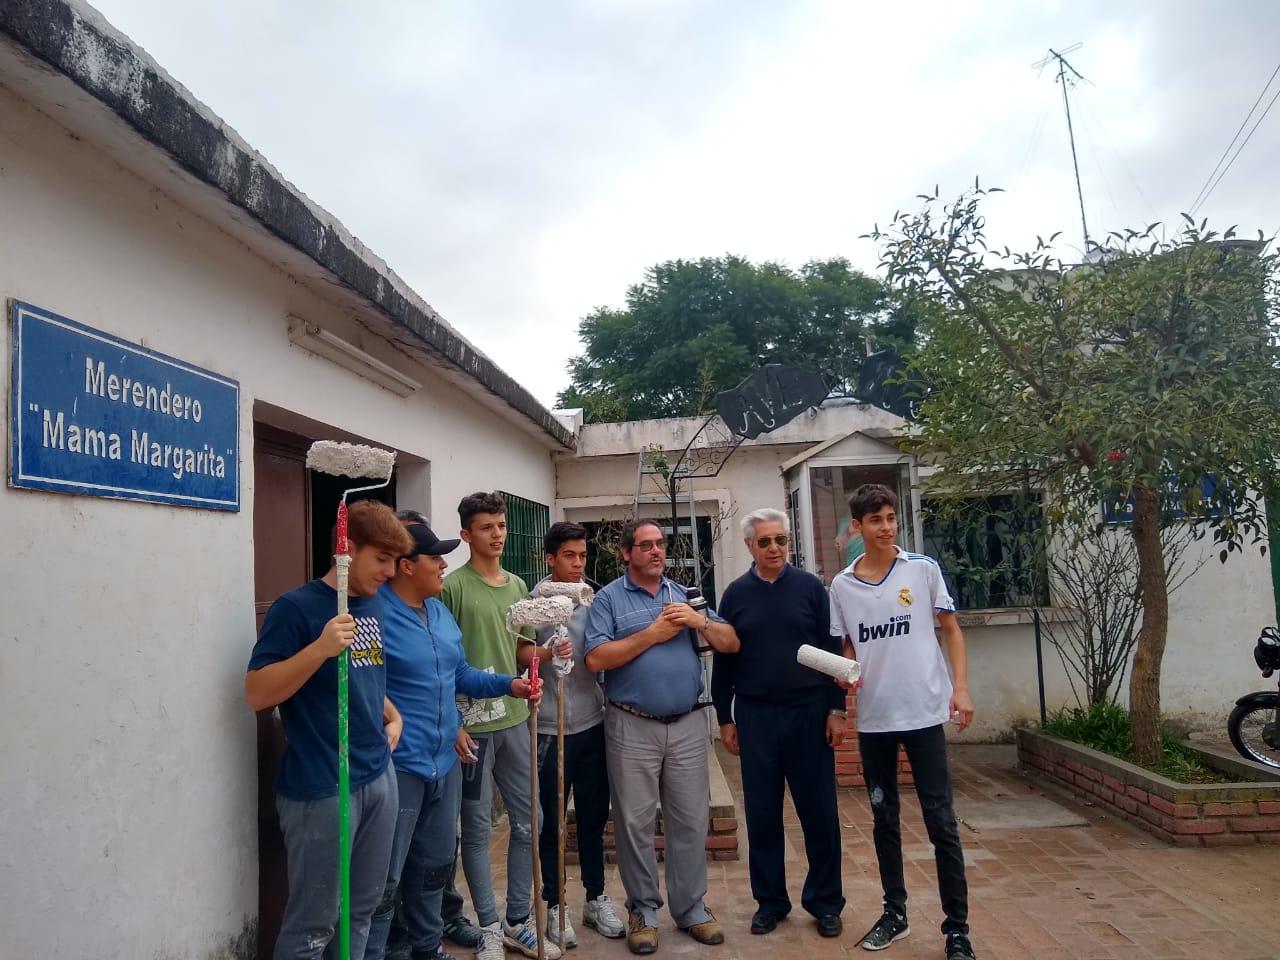 Alumnos del Instituto Manuel de Falla reacondicionaron un merendero